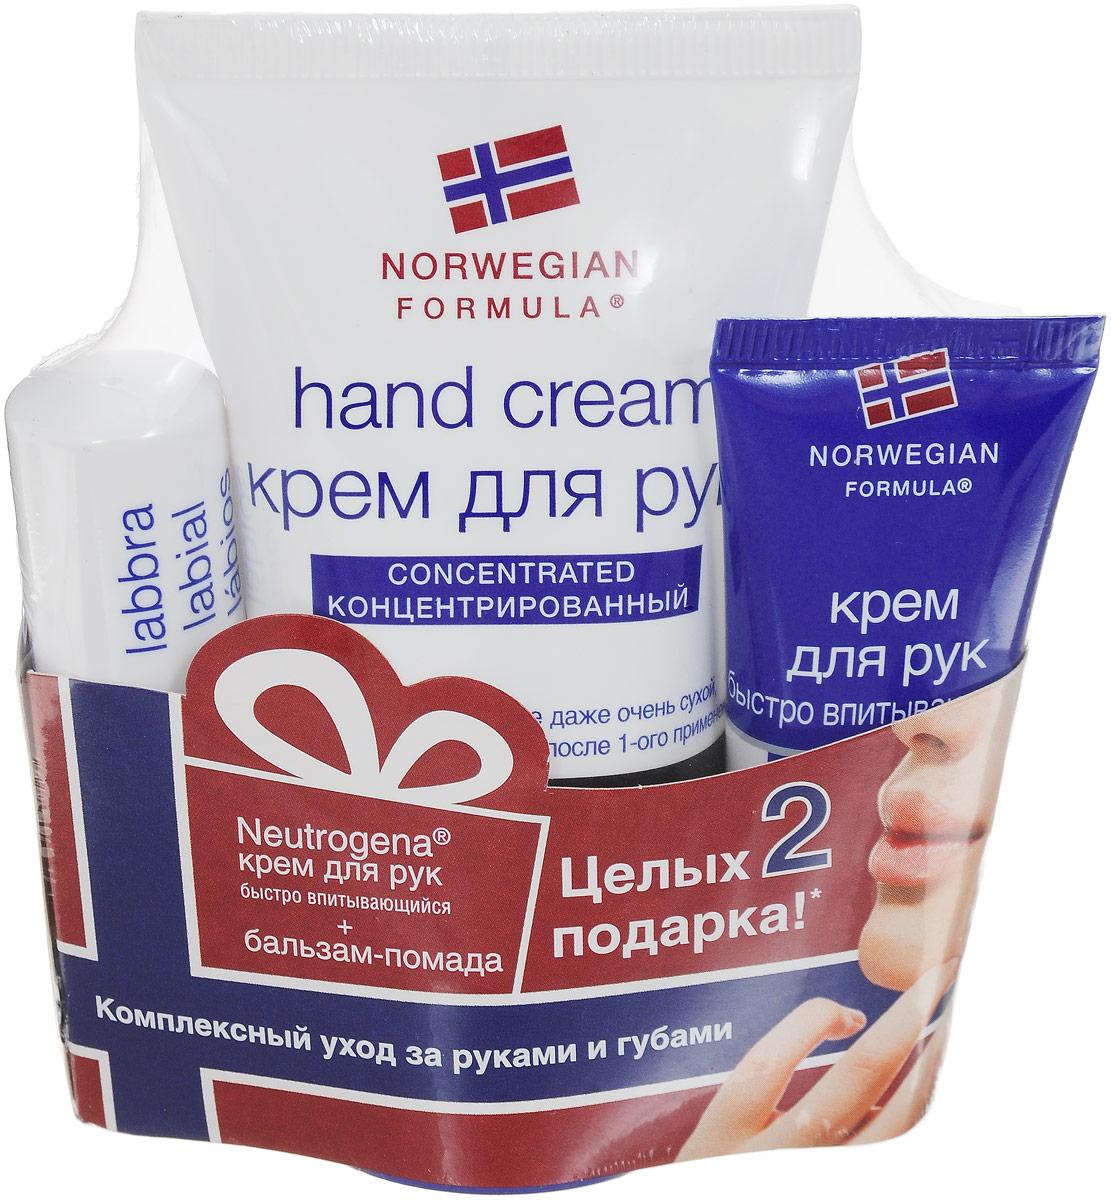 Neutrogena Набор Норвежская Формула Крем для рук с запахом, 50 мл, Бальзам-помада для губ, 4,8г + Подарок Крем для рук быстро впитывающийся, 15 мл